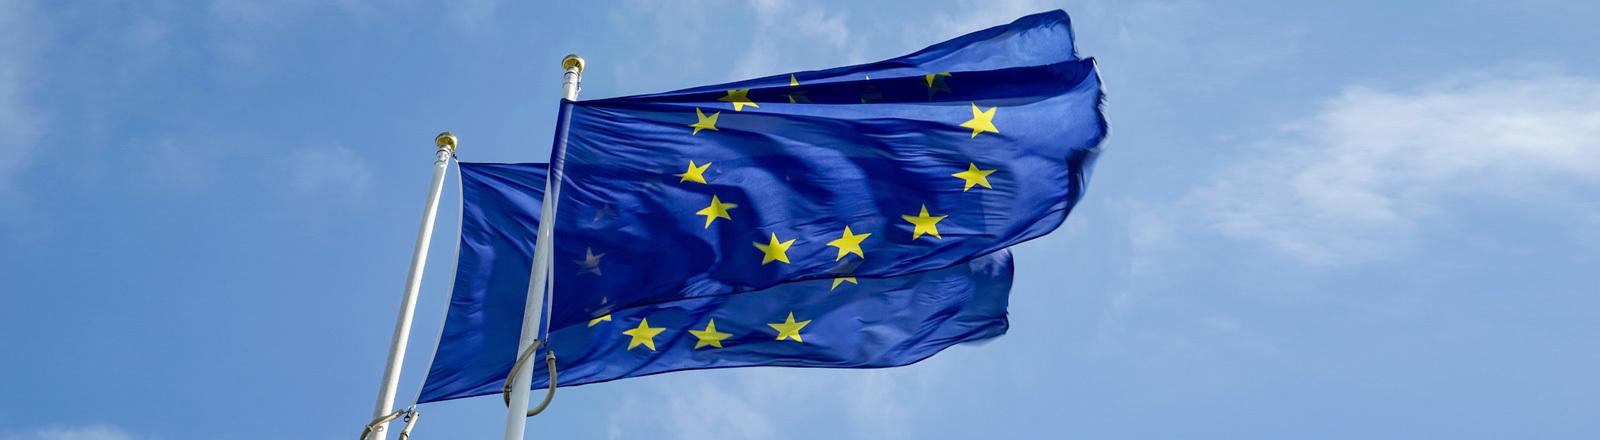 Europaflaggen